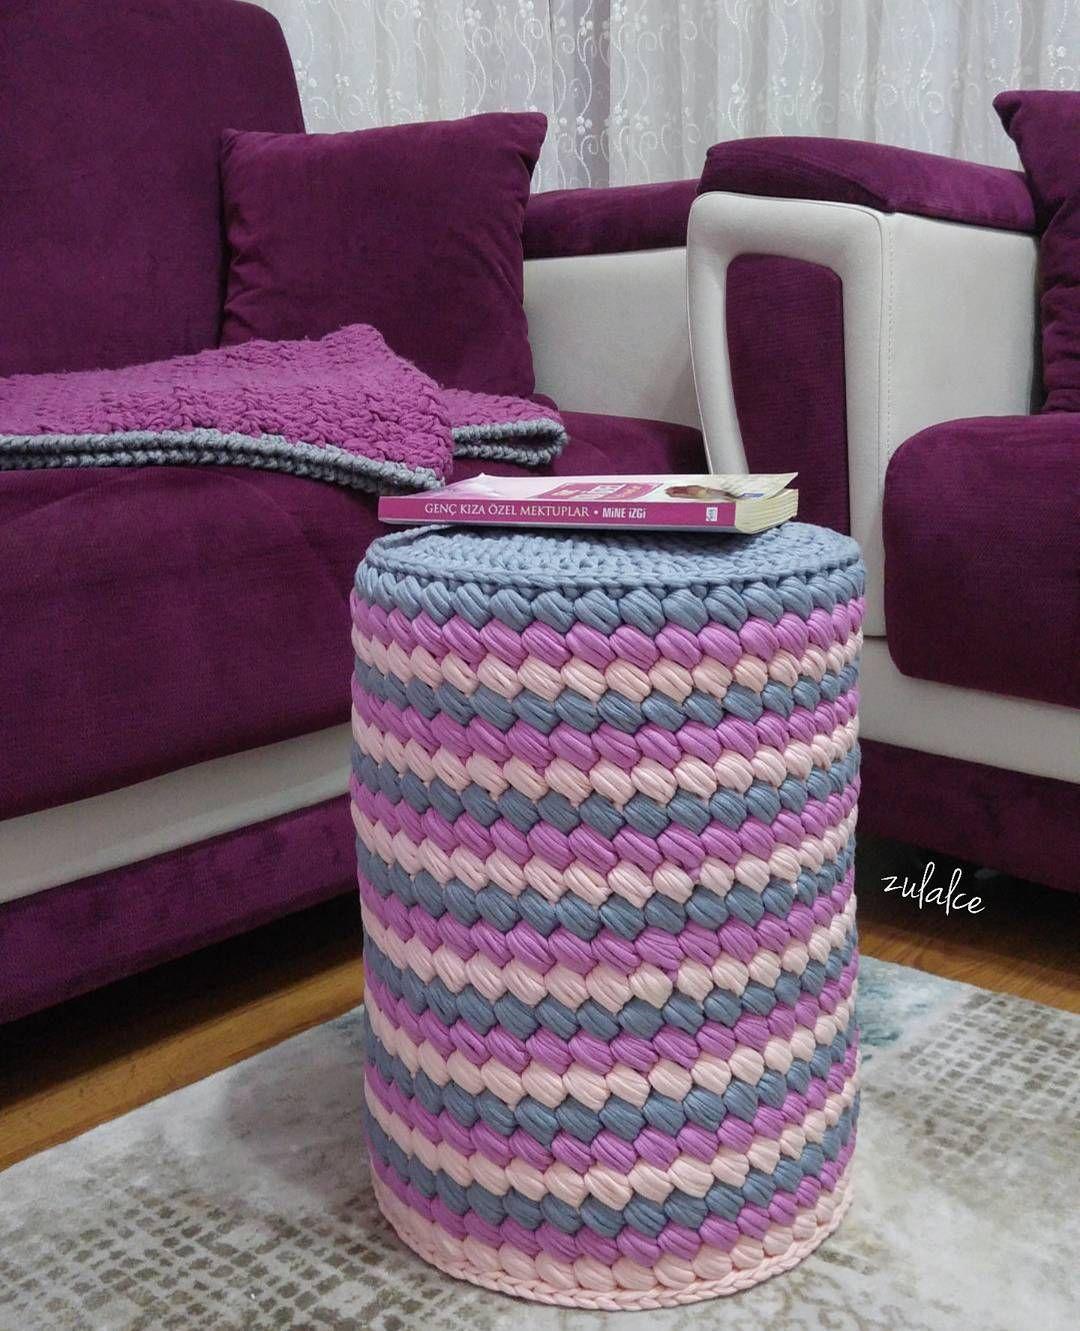 2 398 Otmetok Nravitsya 140 Kommentariev Esma Zulalce V Instagram Gunaydin Evet Marsmelov Sepete Bakinca Silind Crochet Patterns Trapillo Instagram